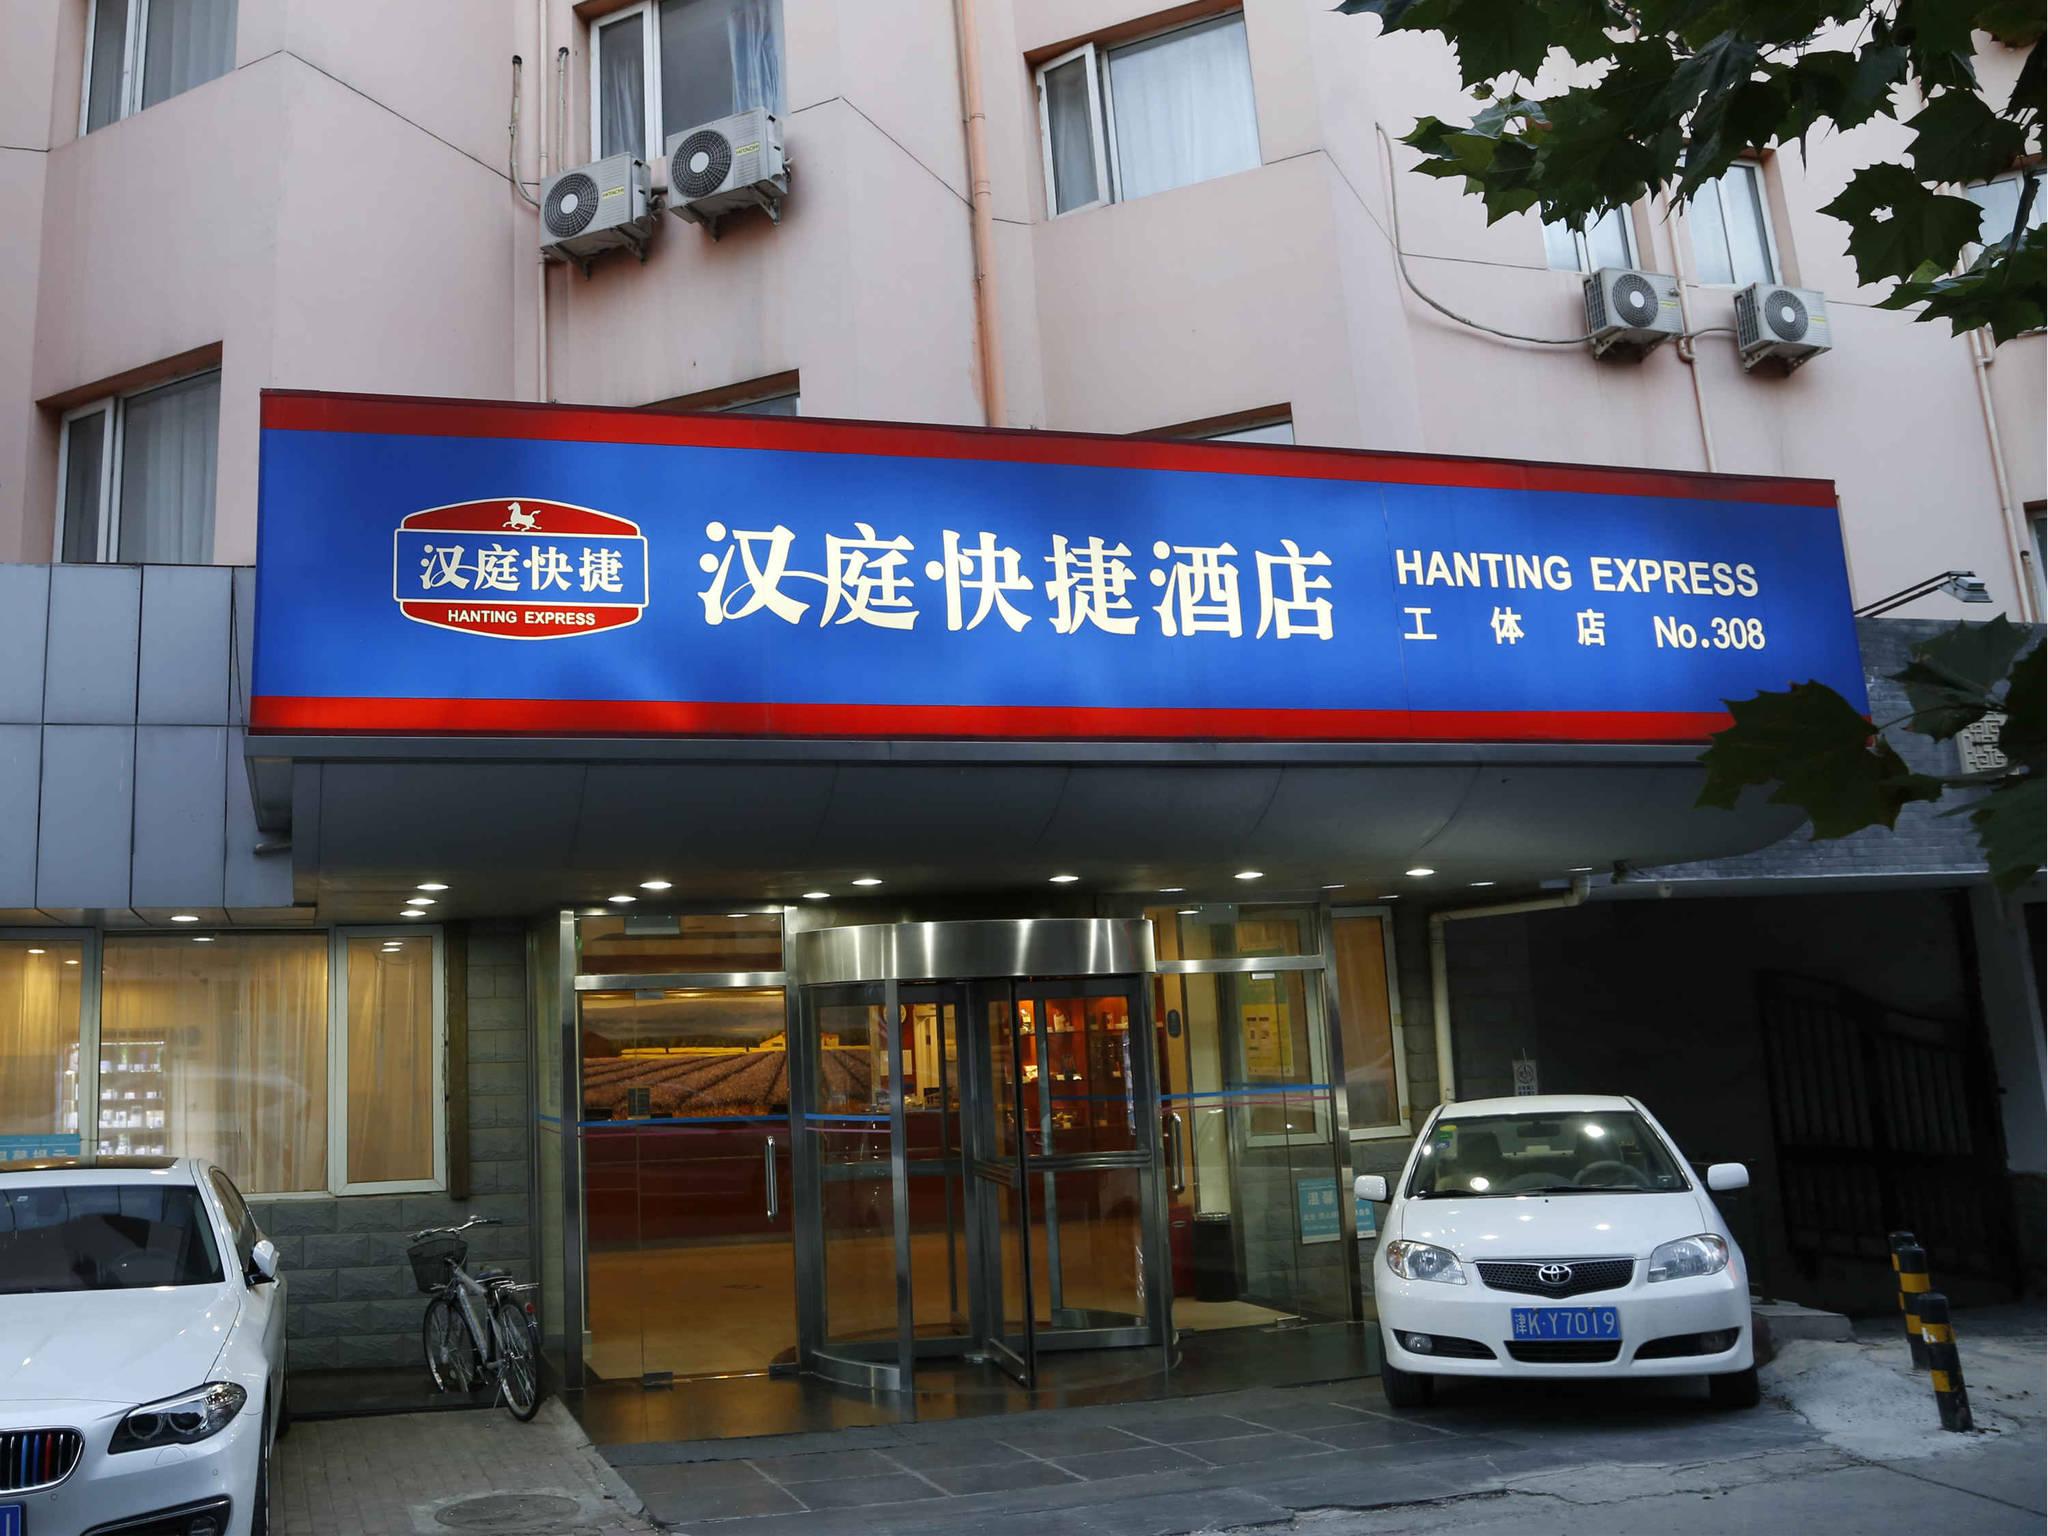 호텔 – 한팅 호텔 베이징 공인 경기장